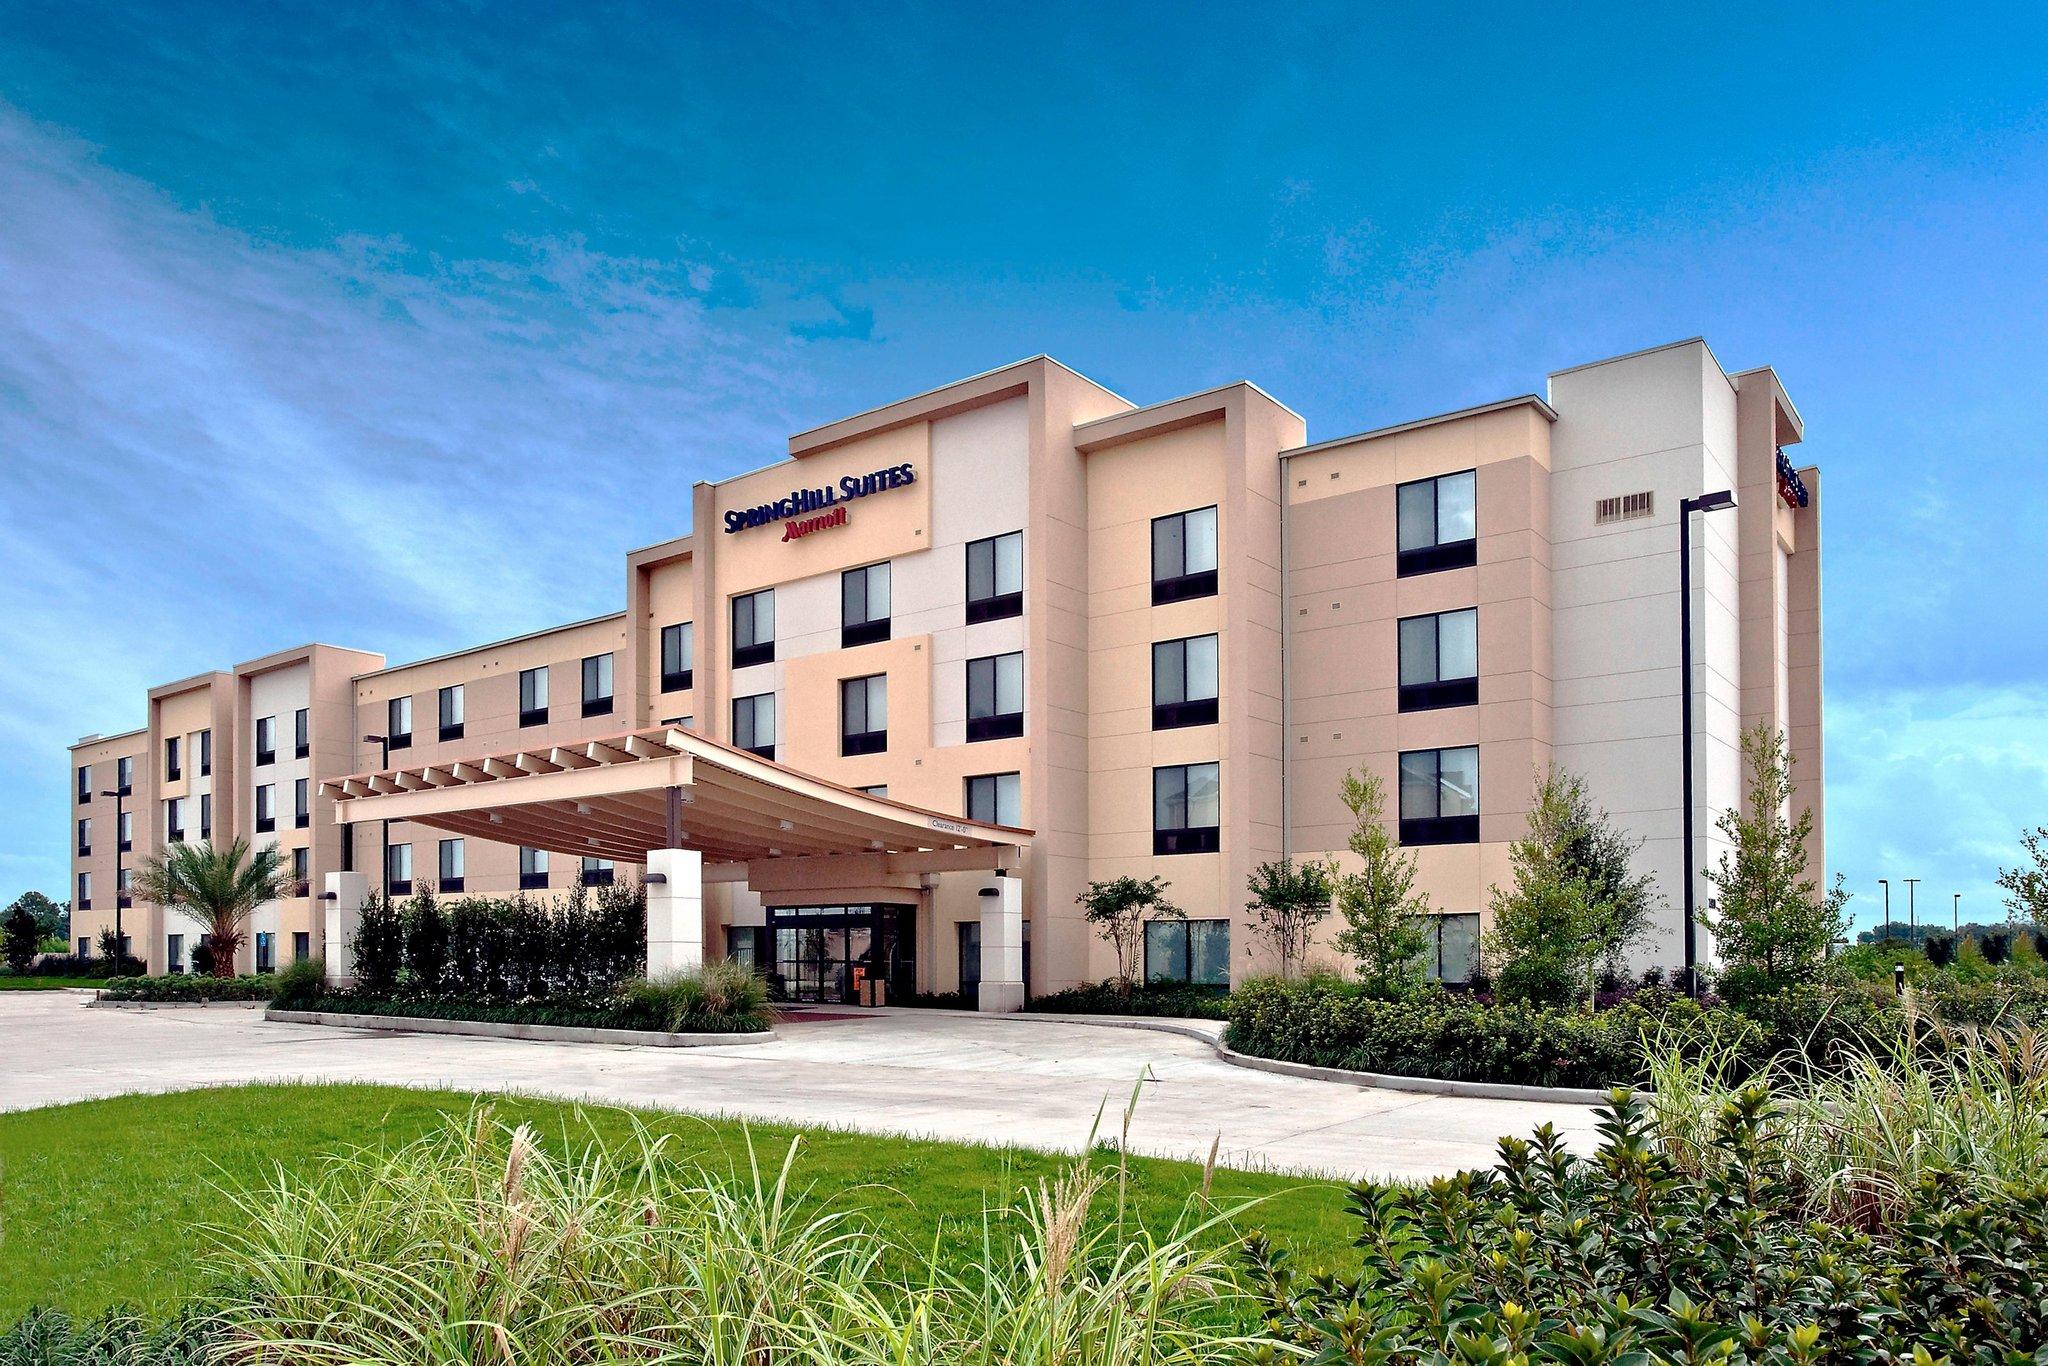 SpringHill Suites Baton Rouge North/Arpt